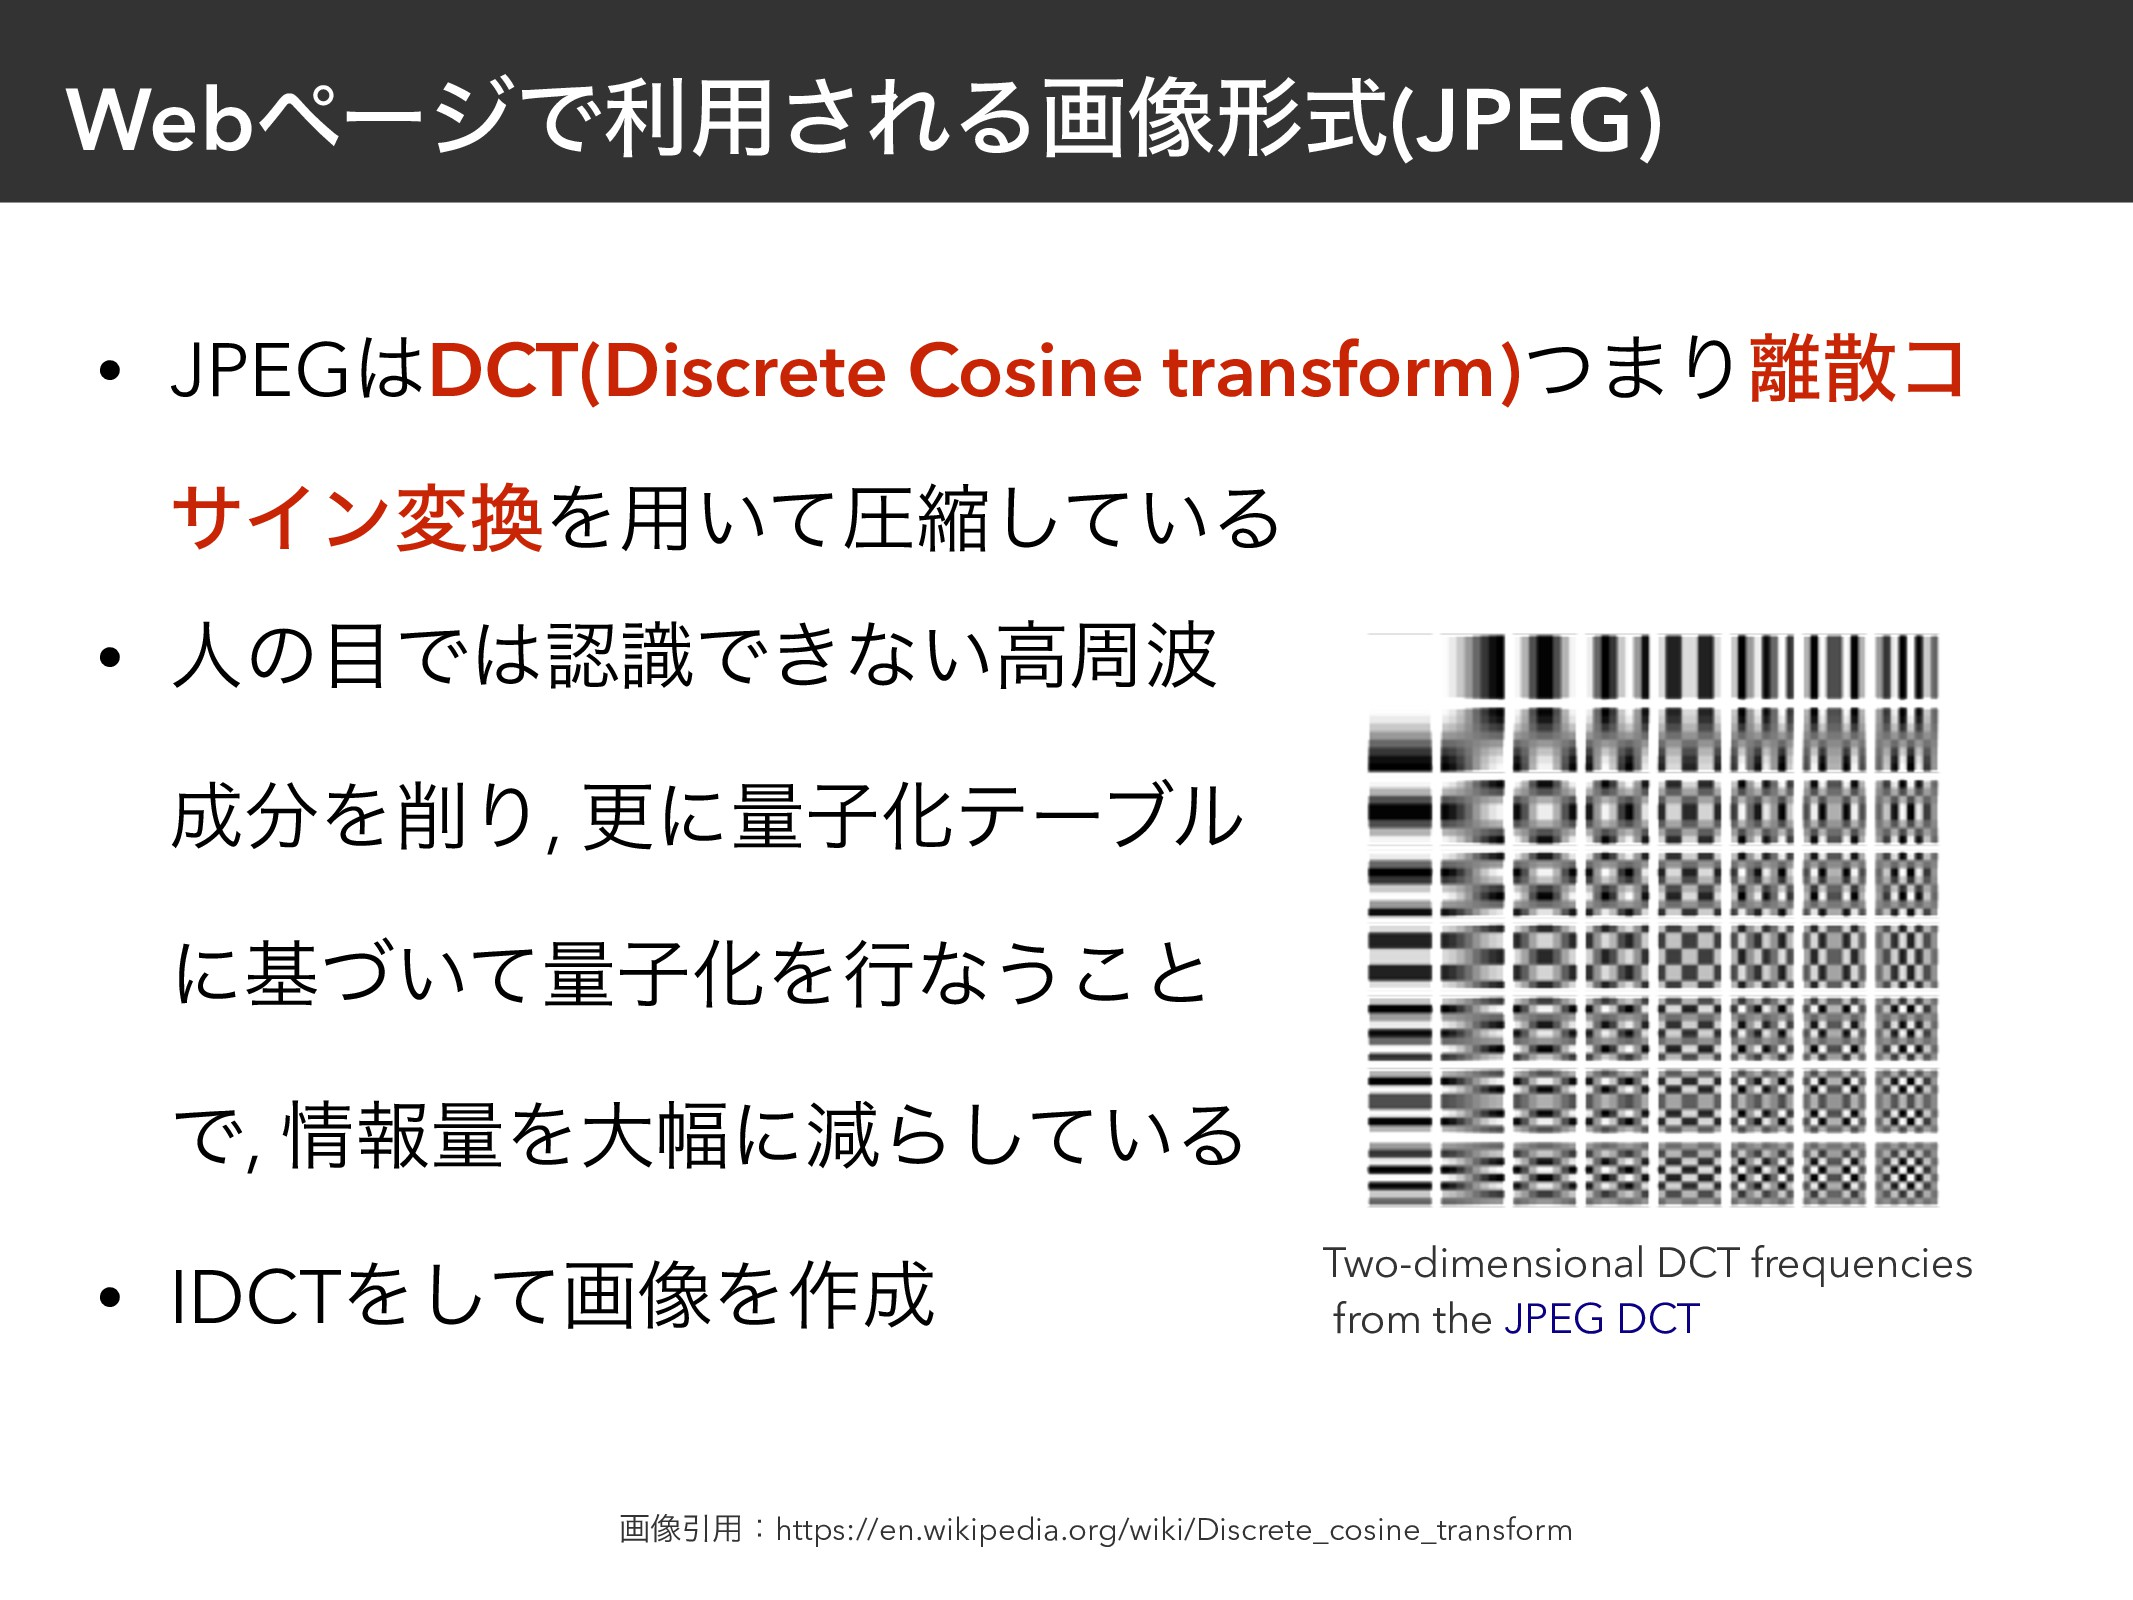 WebϖʔδͰར༻͞ΕΔը૾ܗࣜ(JPEG) • JPEGDCT(Discrete Cosi...